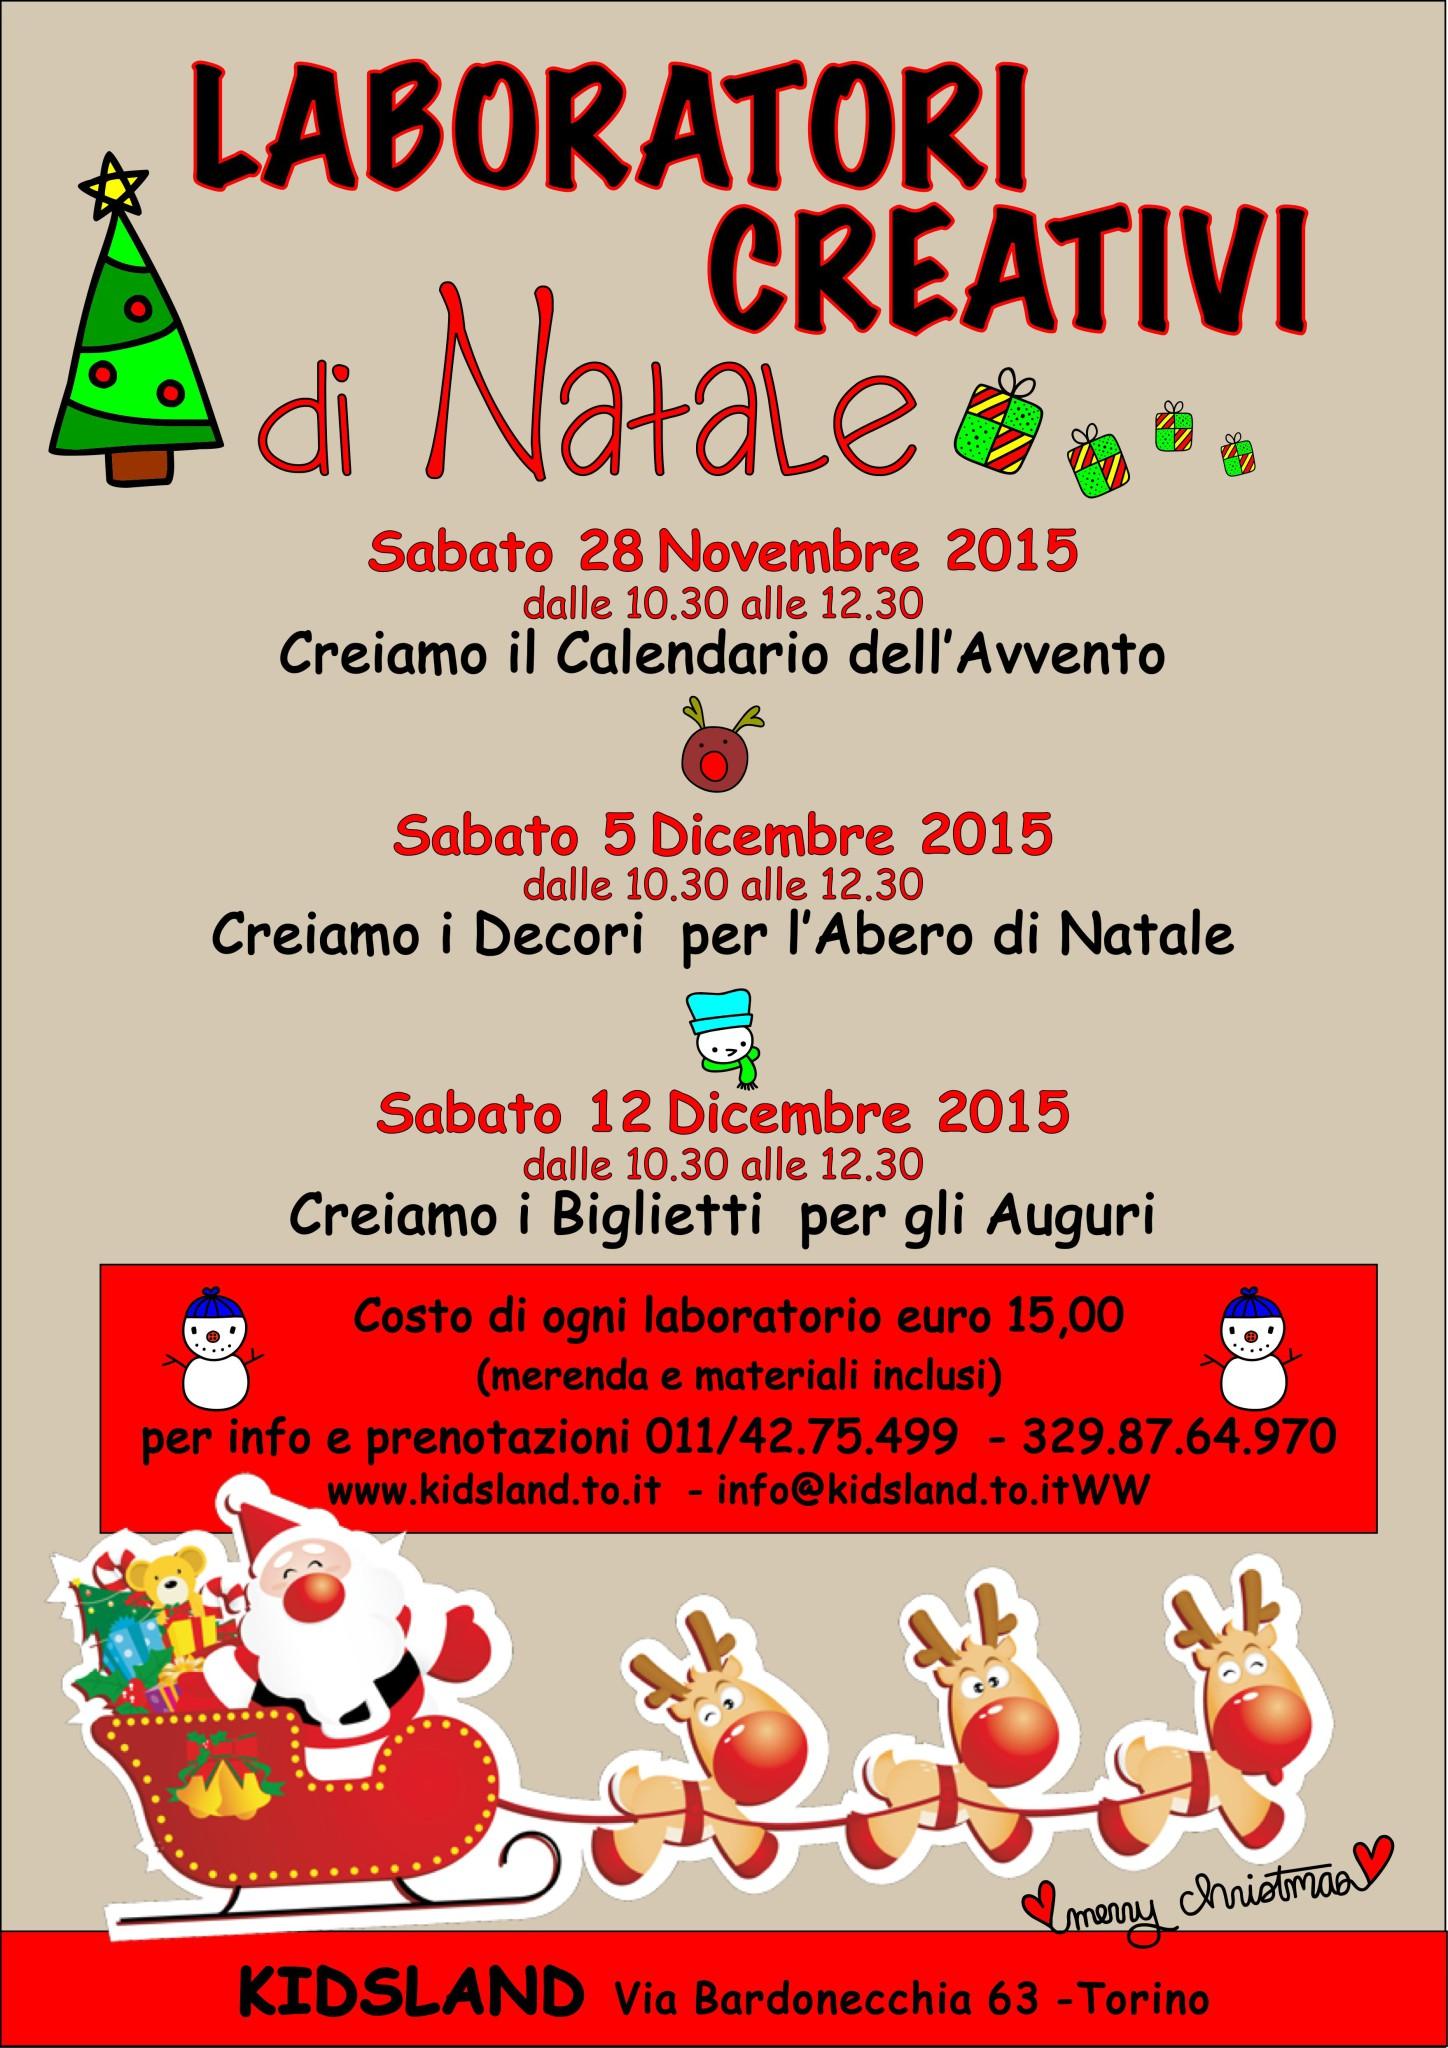 Ben noto Laboratori di Natale - Kidsland divertimento per bambini a Torino HZ26